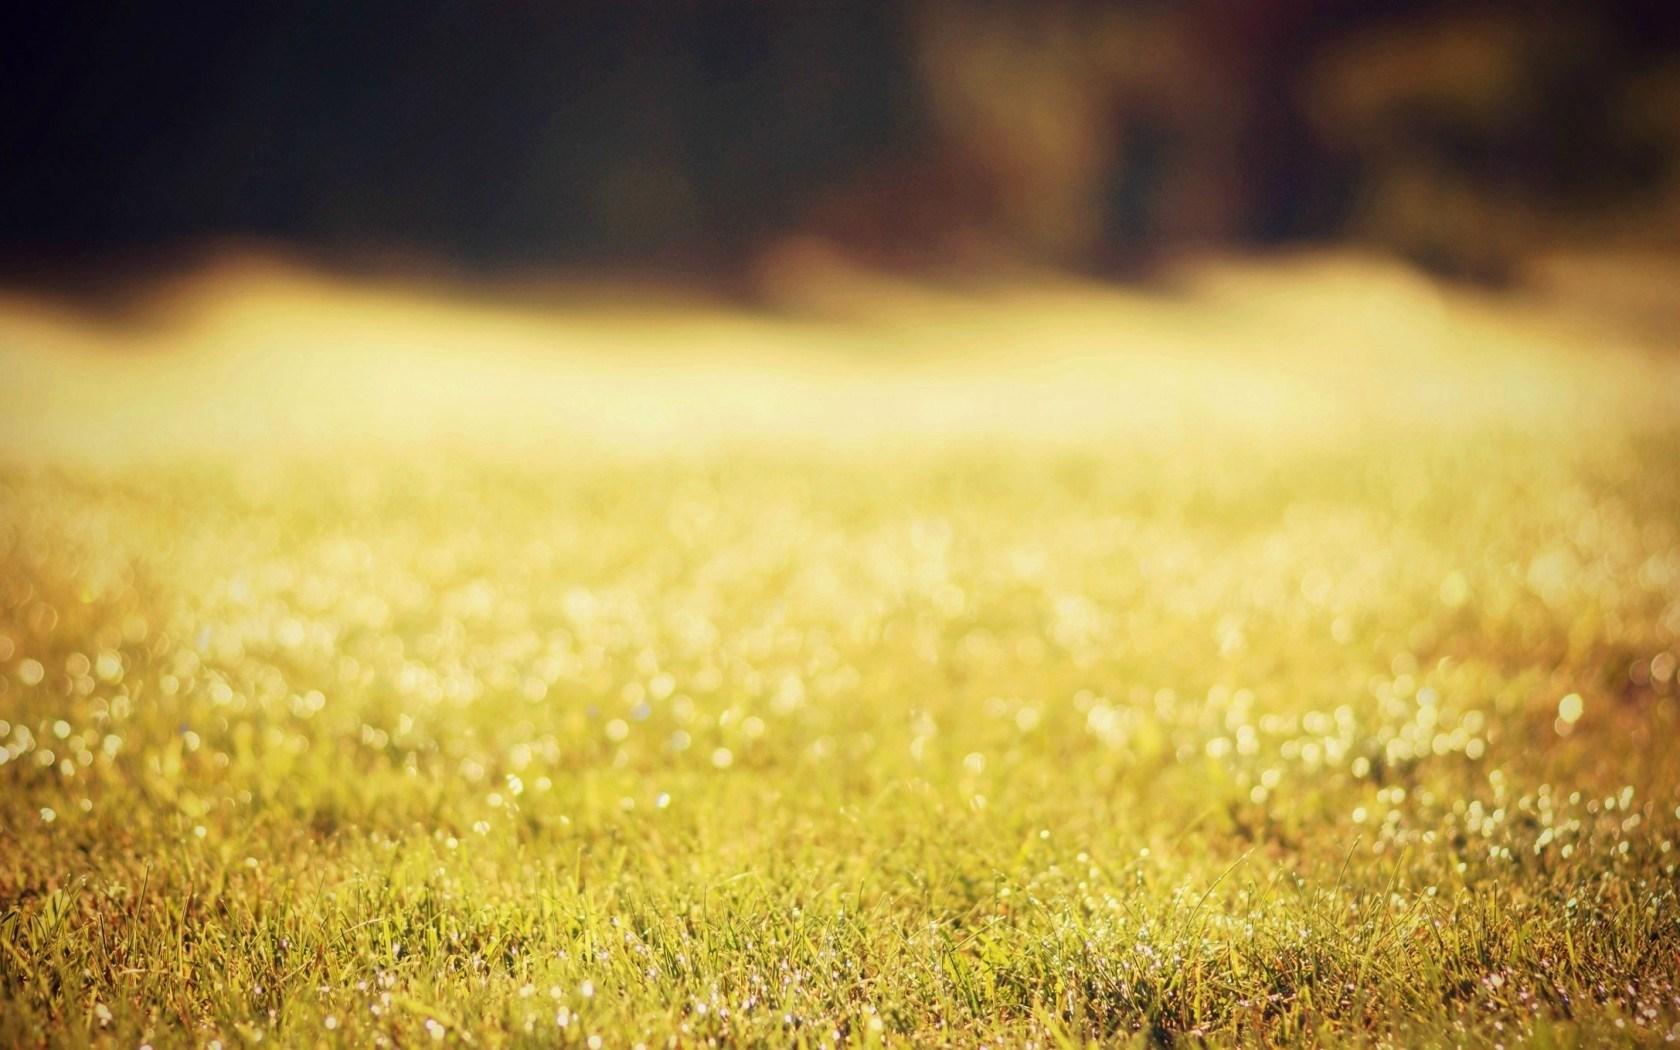 grass wallpaper summer nature